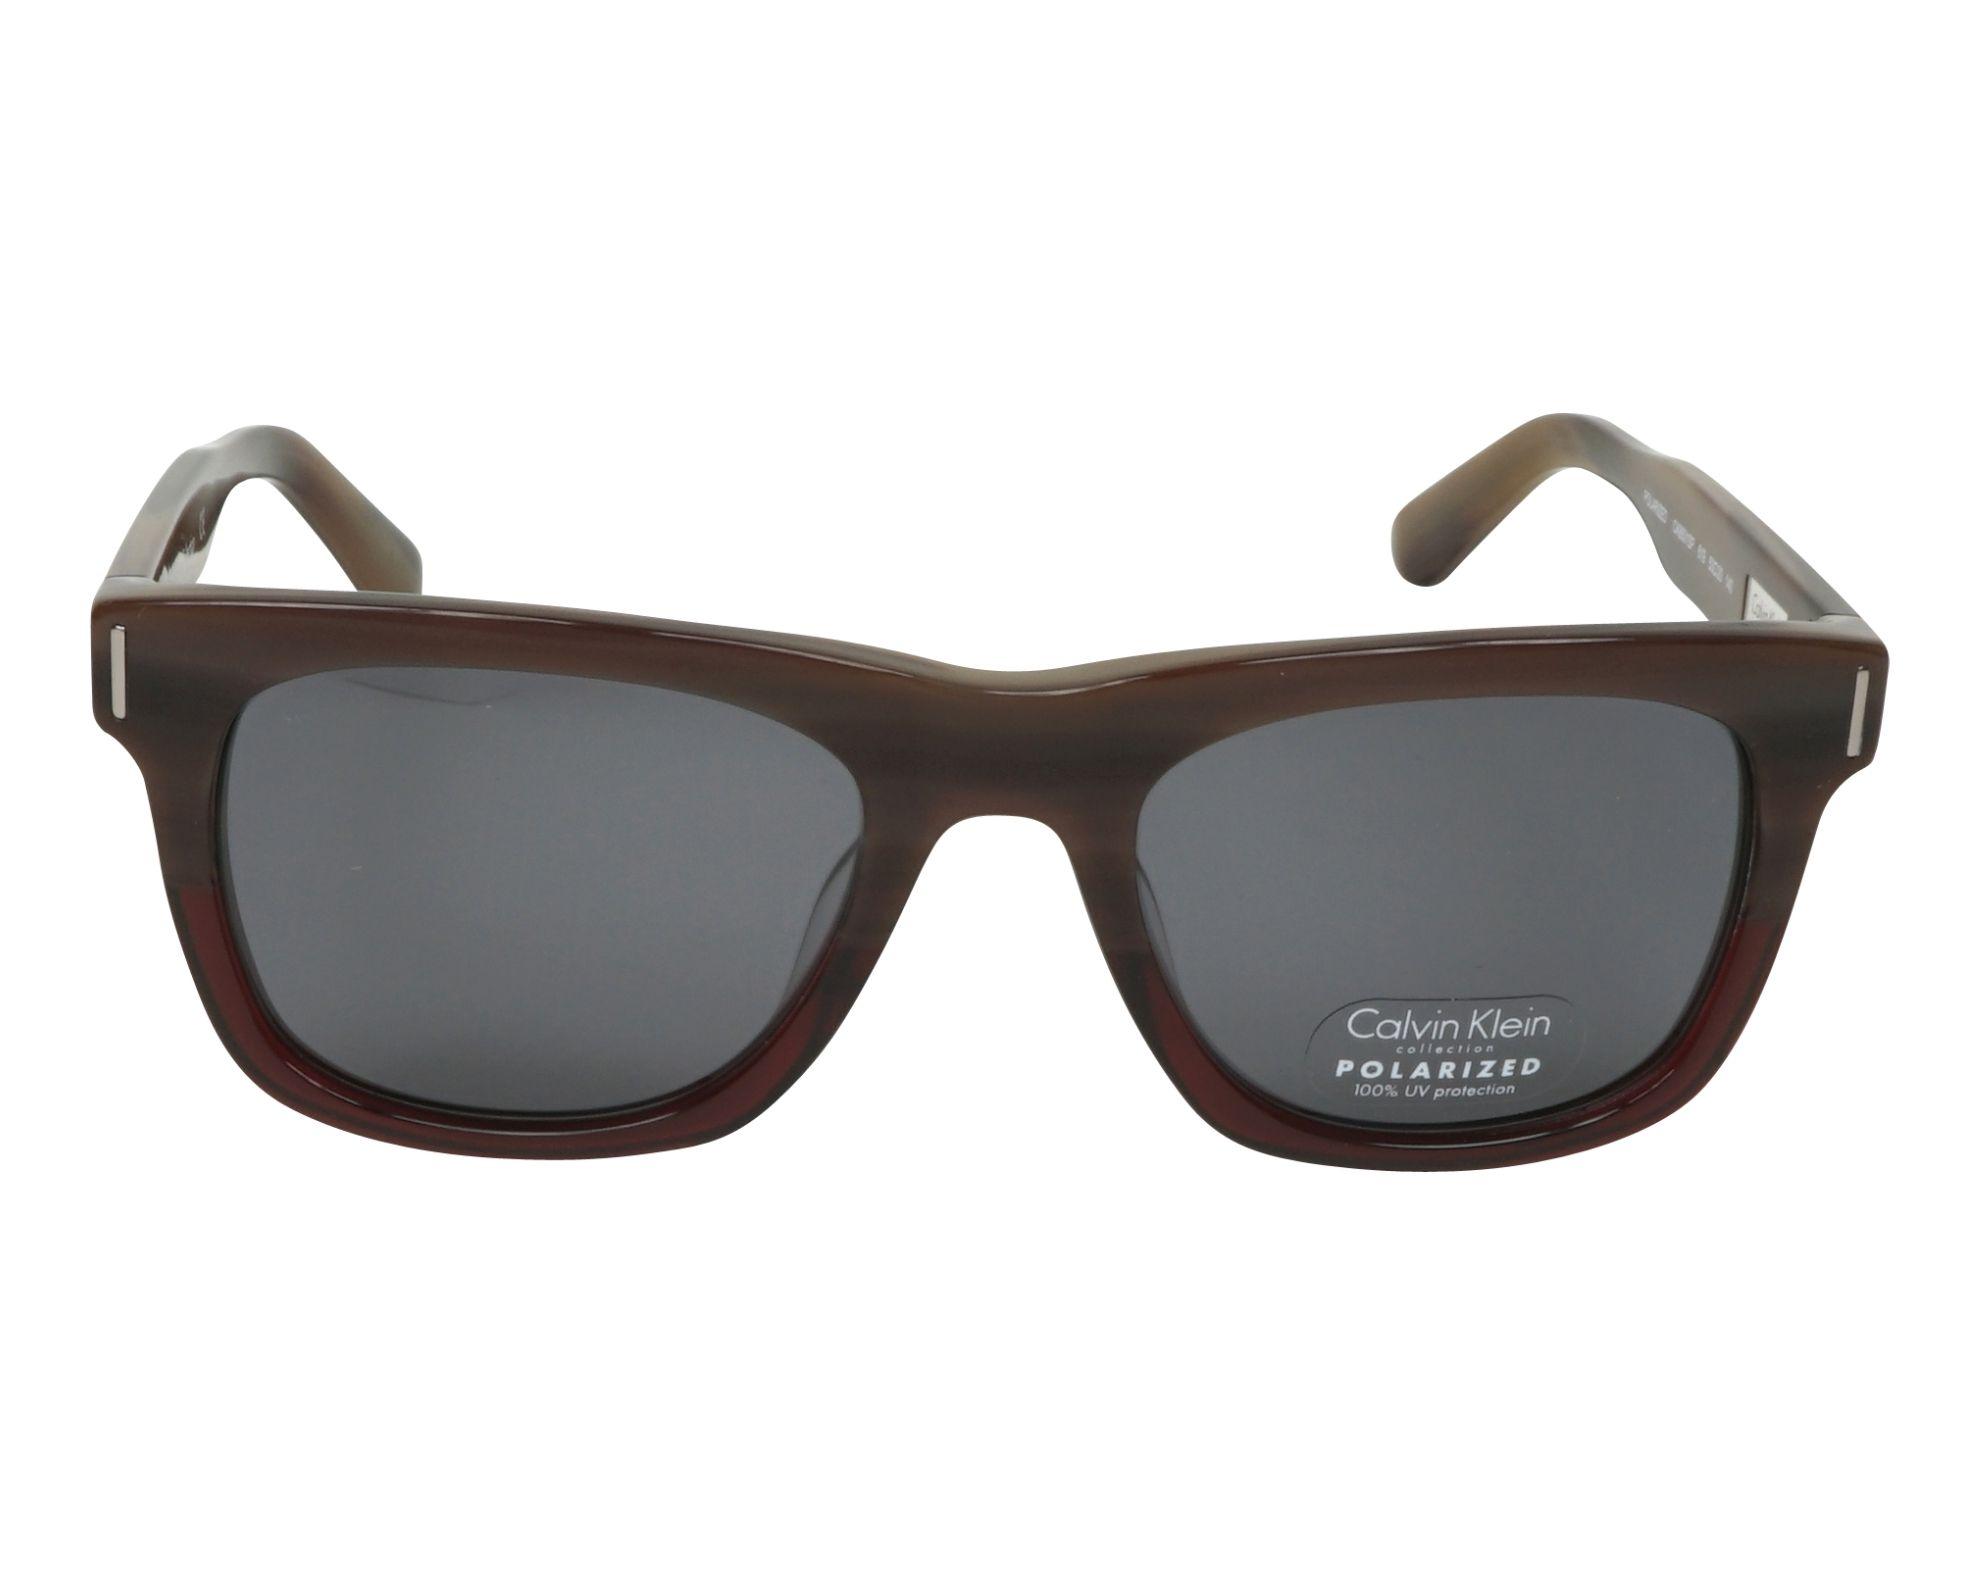 Lunettes de soleil calvin klein ck 8501 s p 619 marron avec des verres gris - Verre lunette raye assurance ...